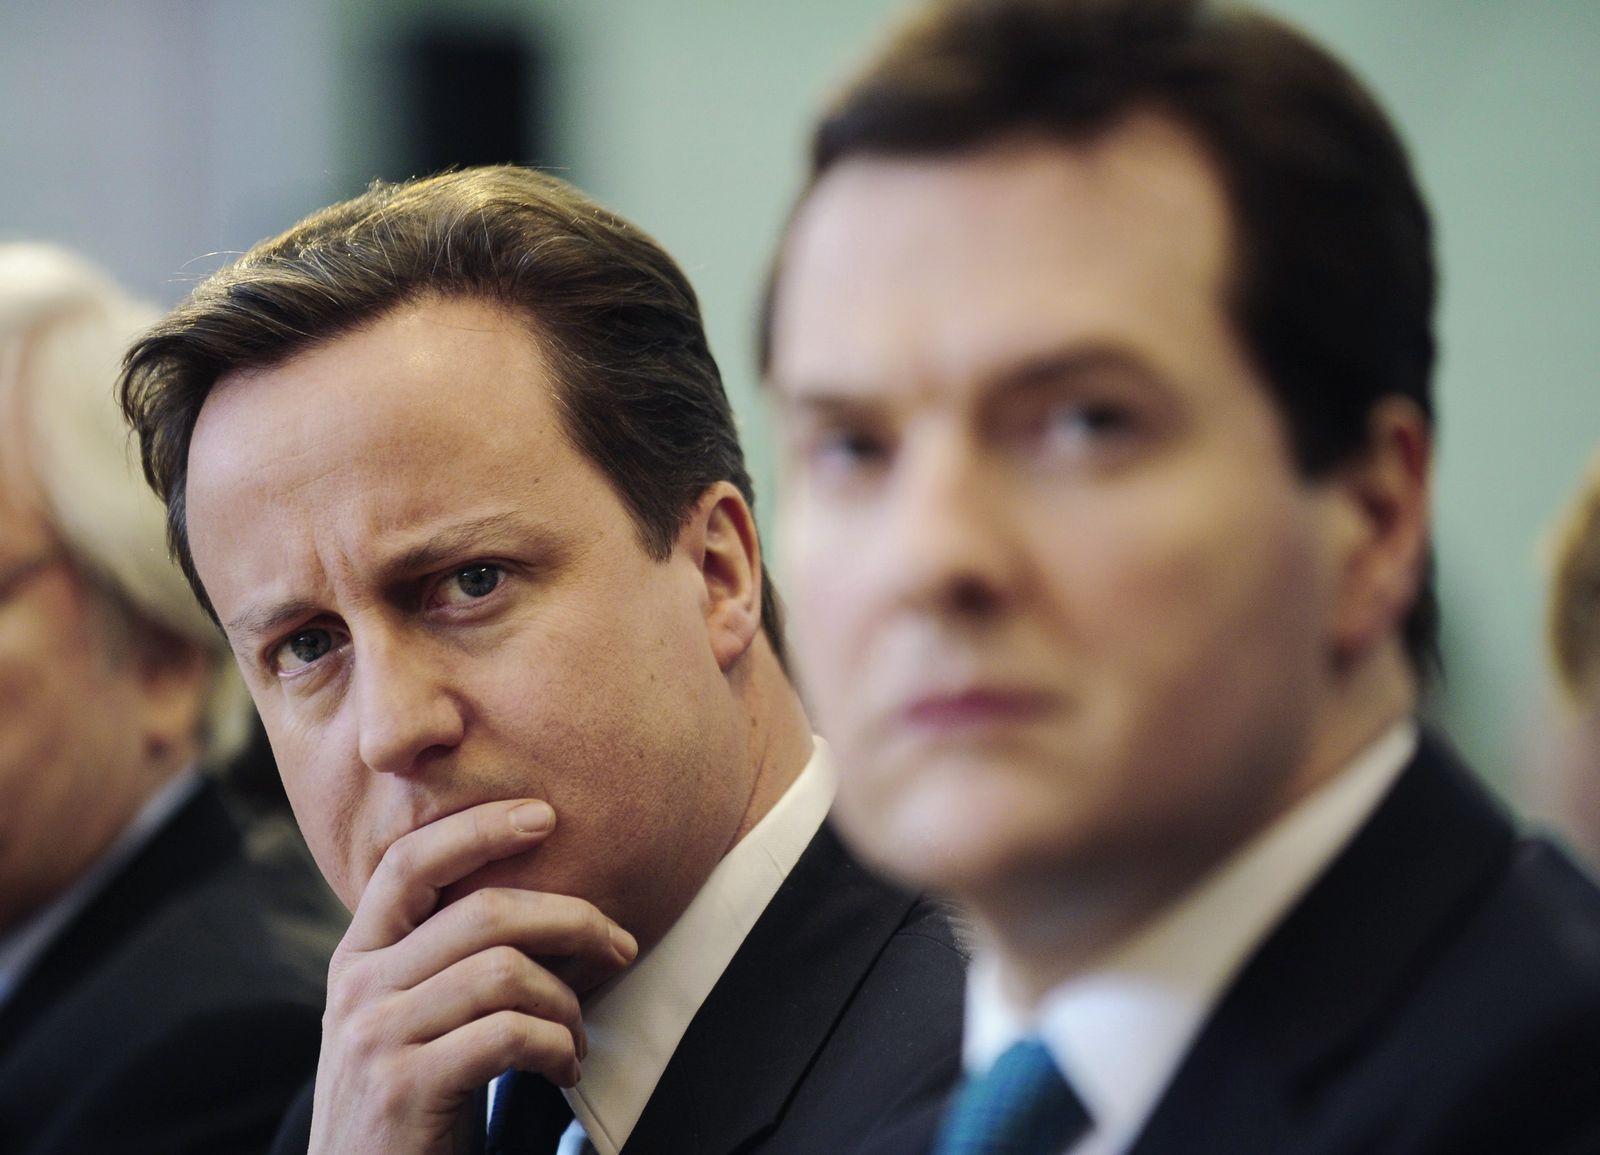 Cameron / Osborne